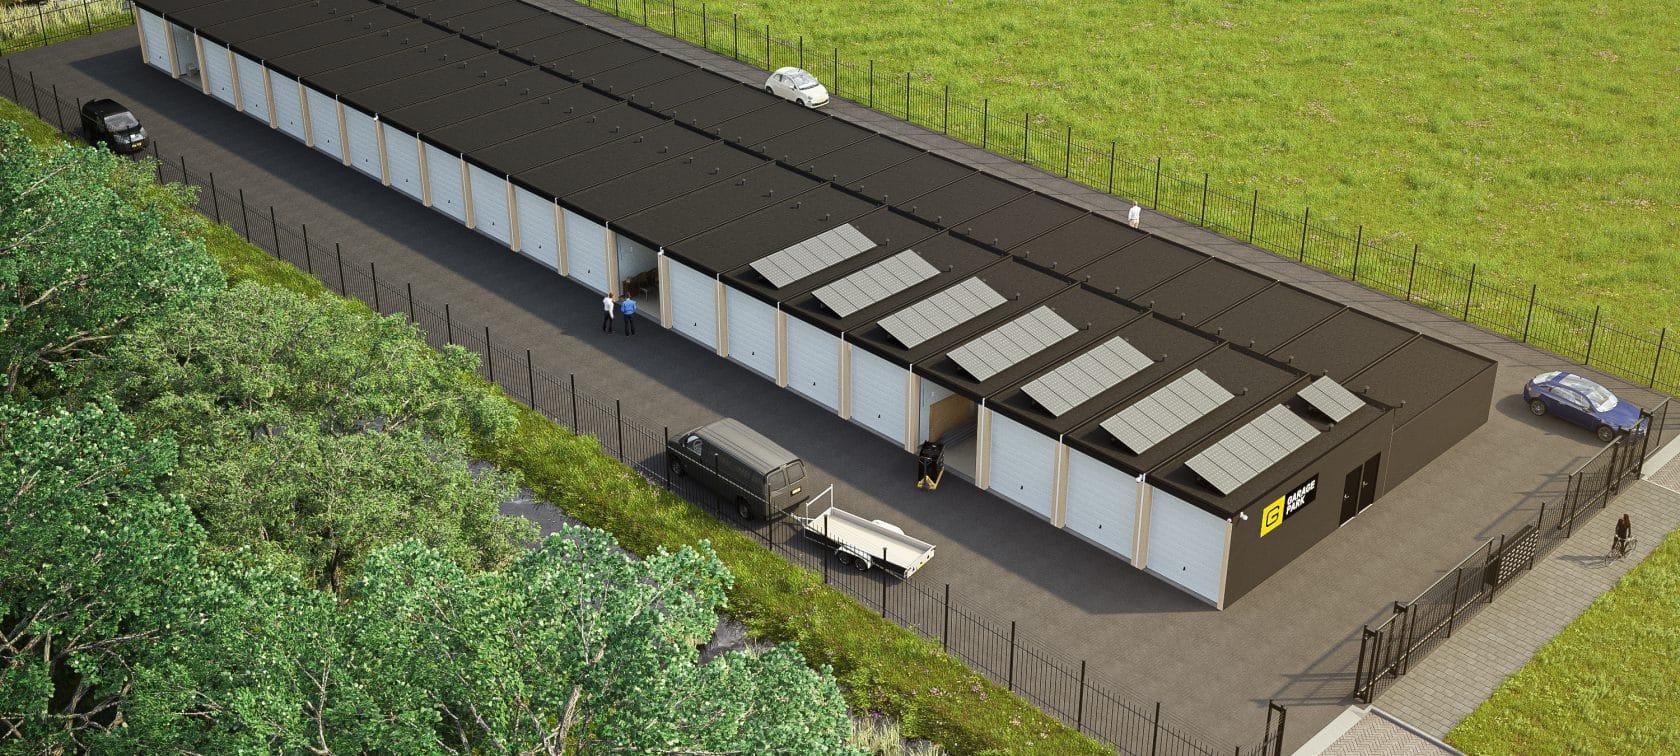 GaragePark Dronte - garageboxen voor opslag en werkruimte 2